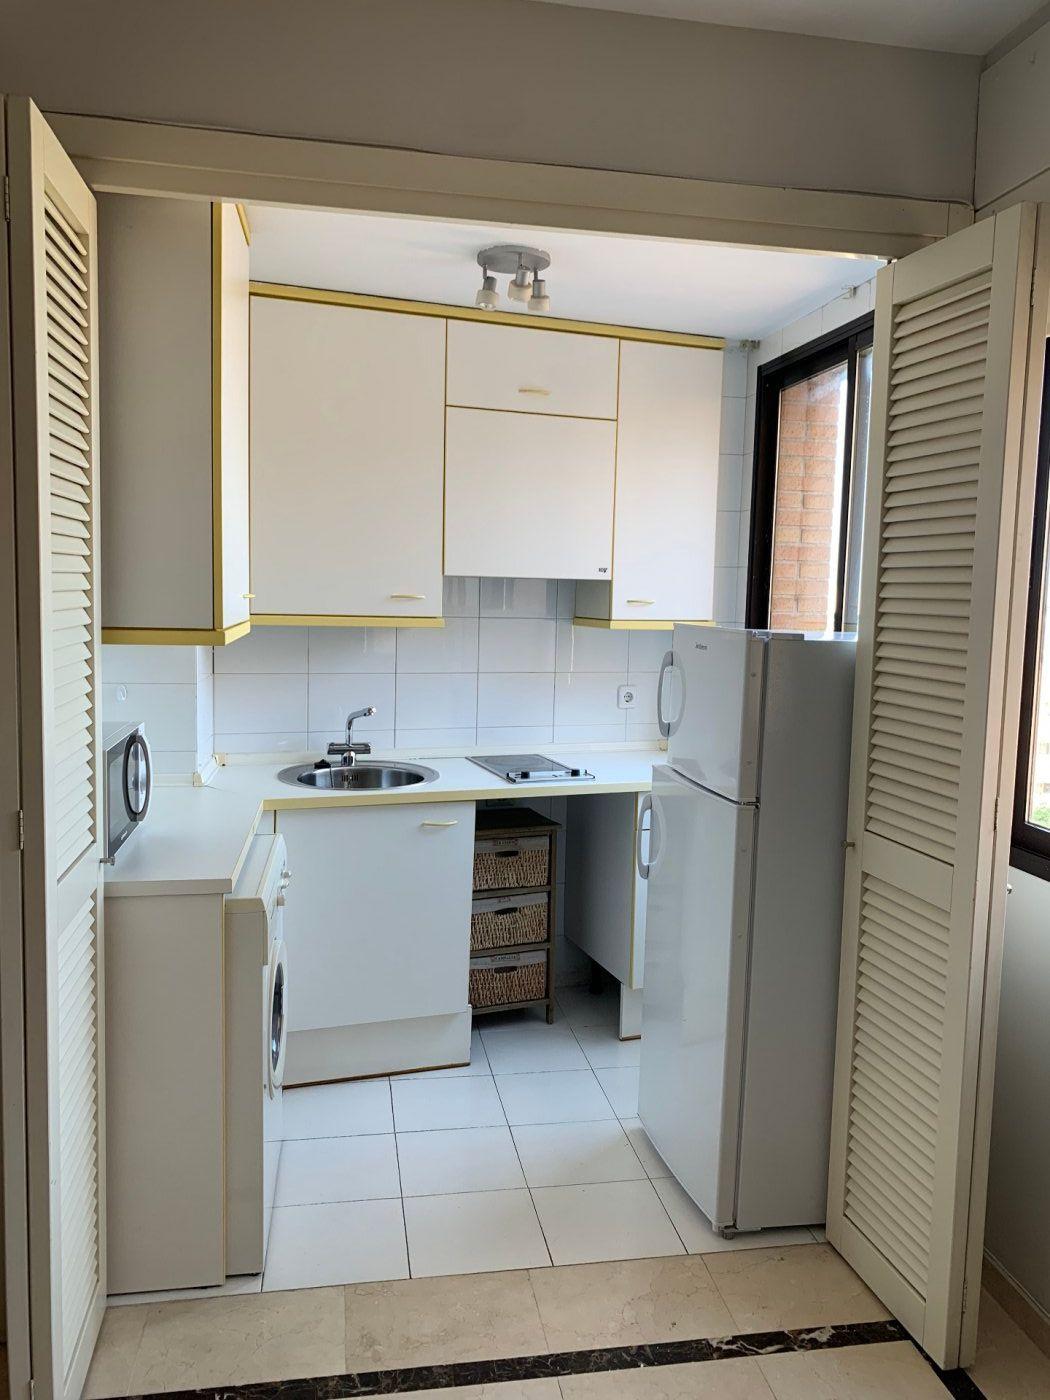 Venta o alquiler de piso en madrid - imagenInmueble25